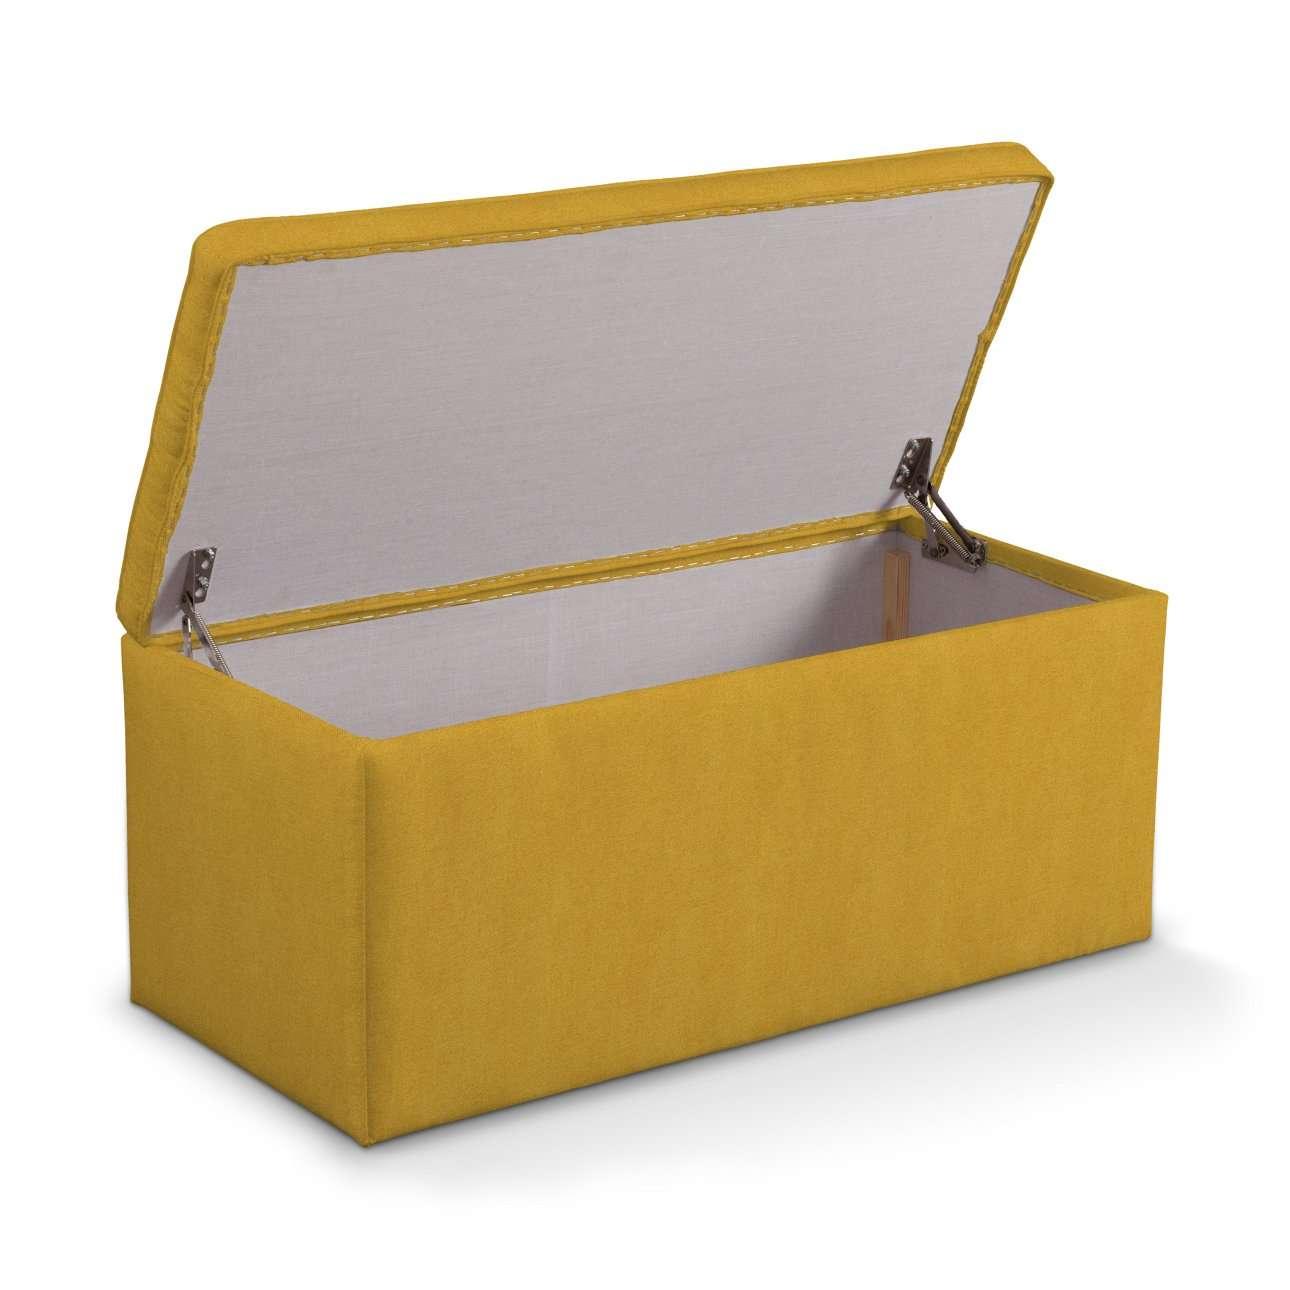 Čalouněná skříň s volbou látky - 2 velikosti v kolekci Etna, látka: 705-04